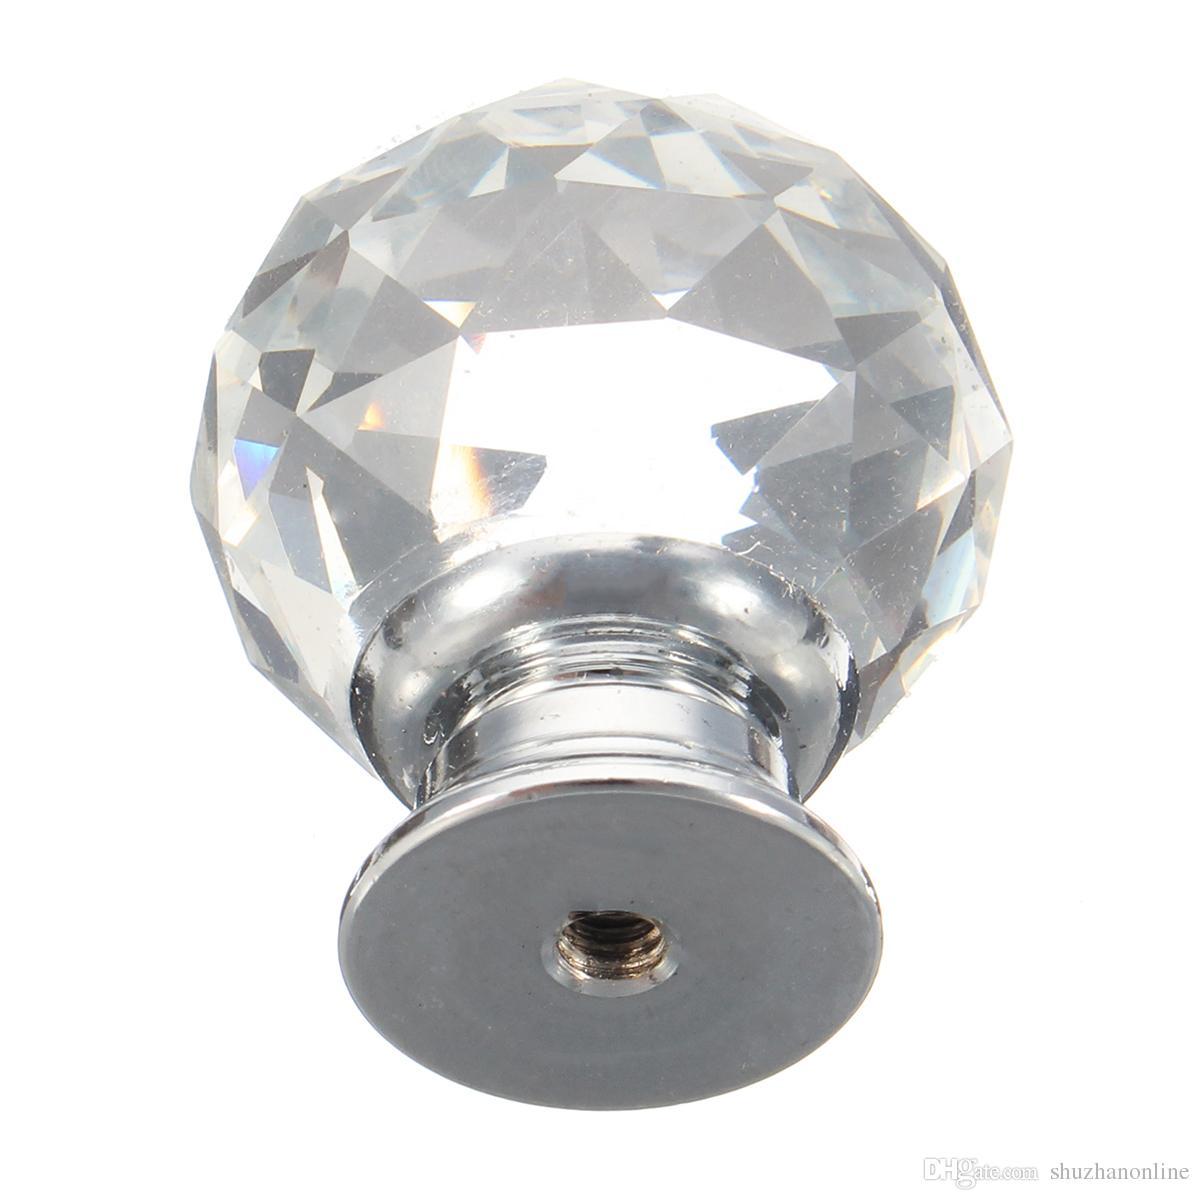 4шт 30мм прозрачный кристалл стеклянные дверные ручки ящик шкафа шкаф мебель тянуть ручки